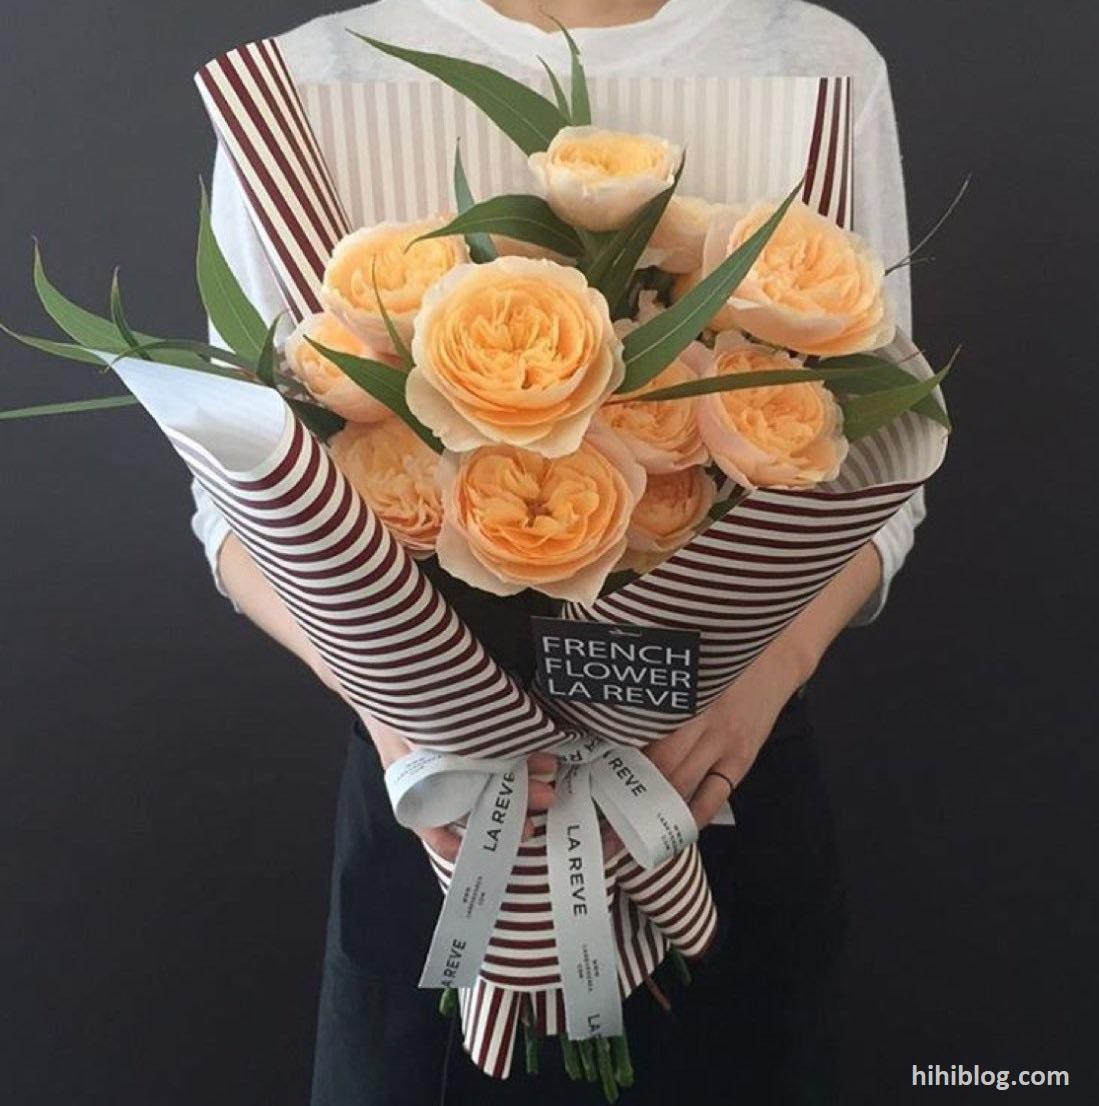 Hoa cũng là một trong những quà sinh nhật được nhiều người lựa chọn, có lẽ nó chỉ sau bánh kem. Còn bạn thì sao? Nếu muốn lựa chọn được hình ảnh ...